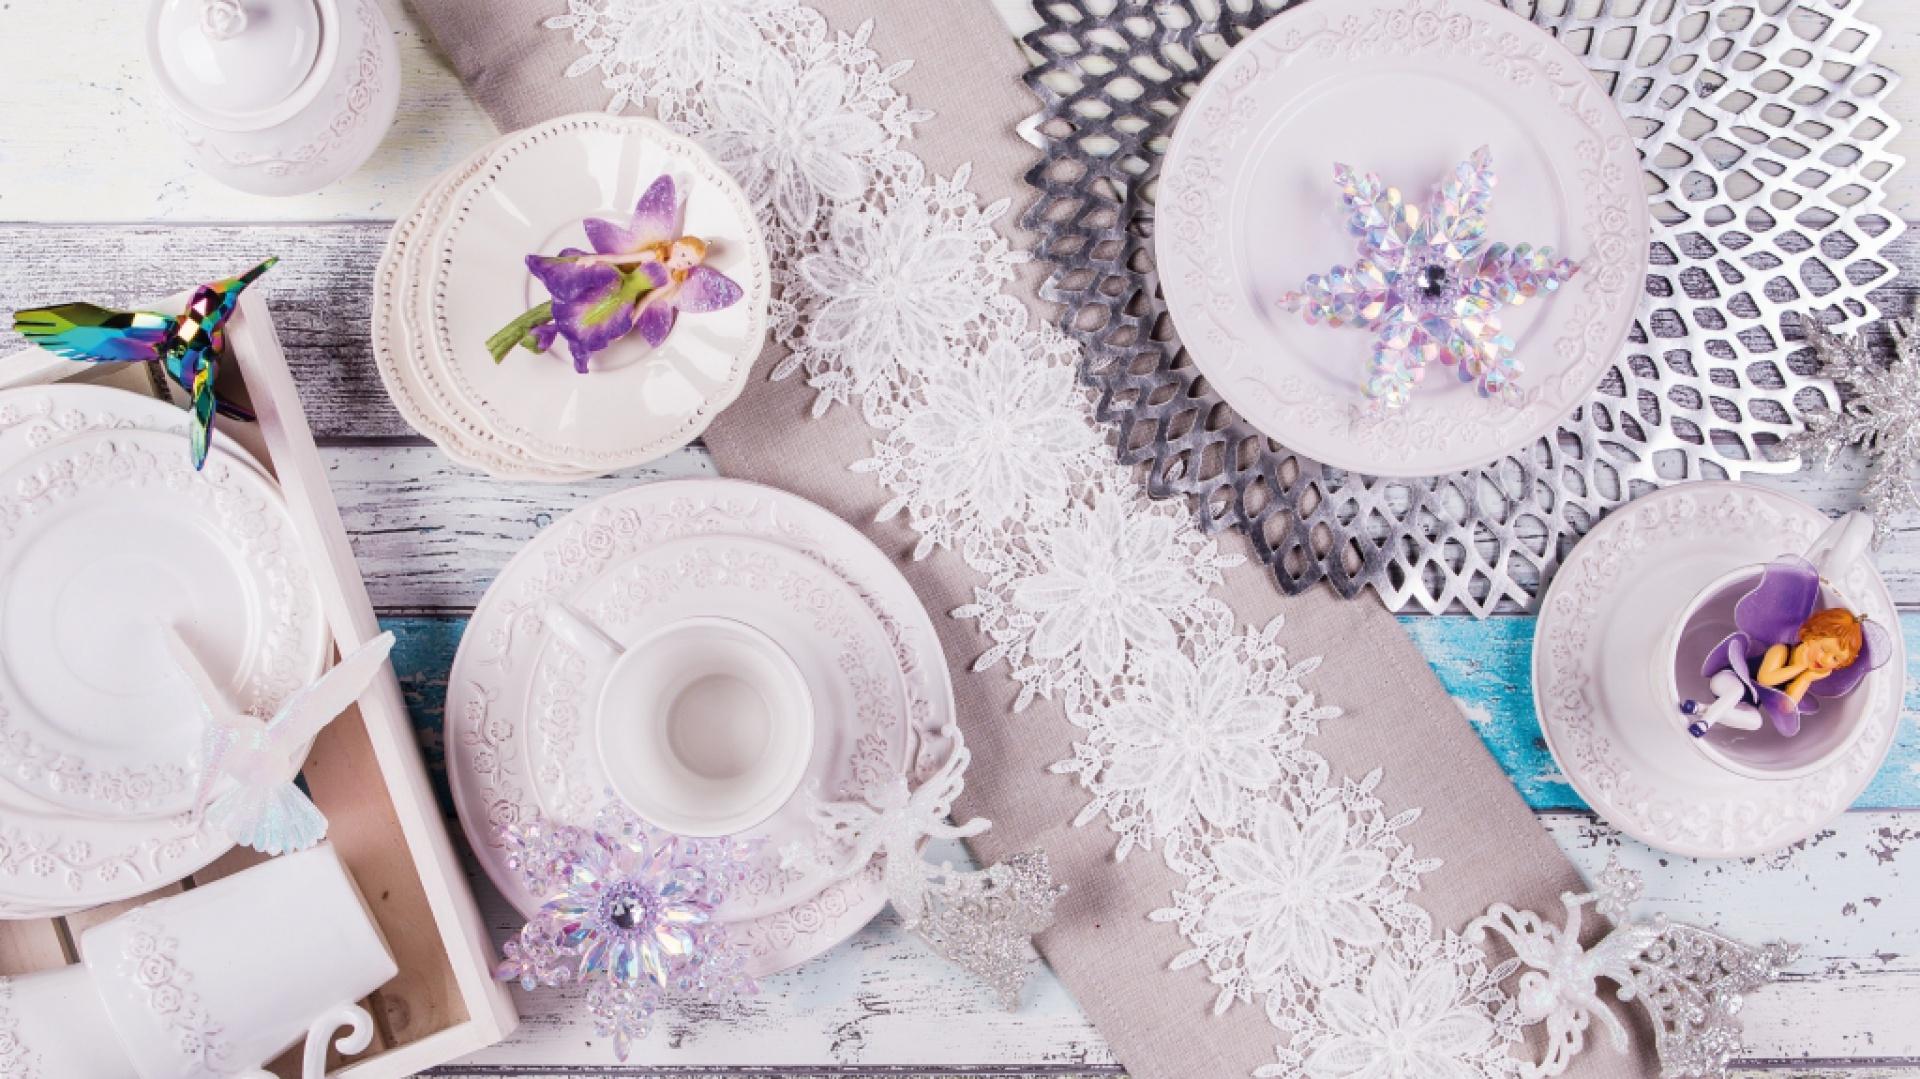 Przełom roku to szczególnie magiczny czas. Tę magię można odzwierciedlić również w dekoracjach na przyjęcie. Na stole królują biel, srebro i urocze małe wróżki i elfy, które z ochoczą spełnią noworoczne życzenia. Fot. Home&You.